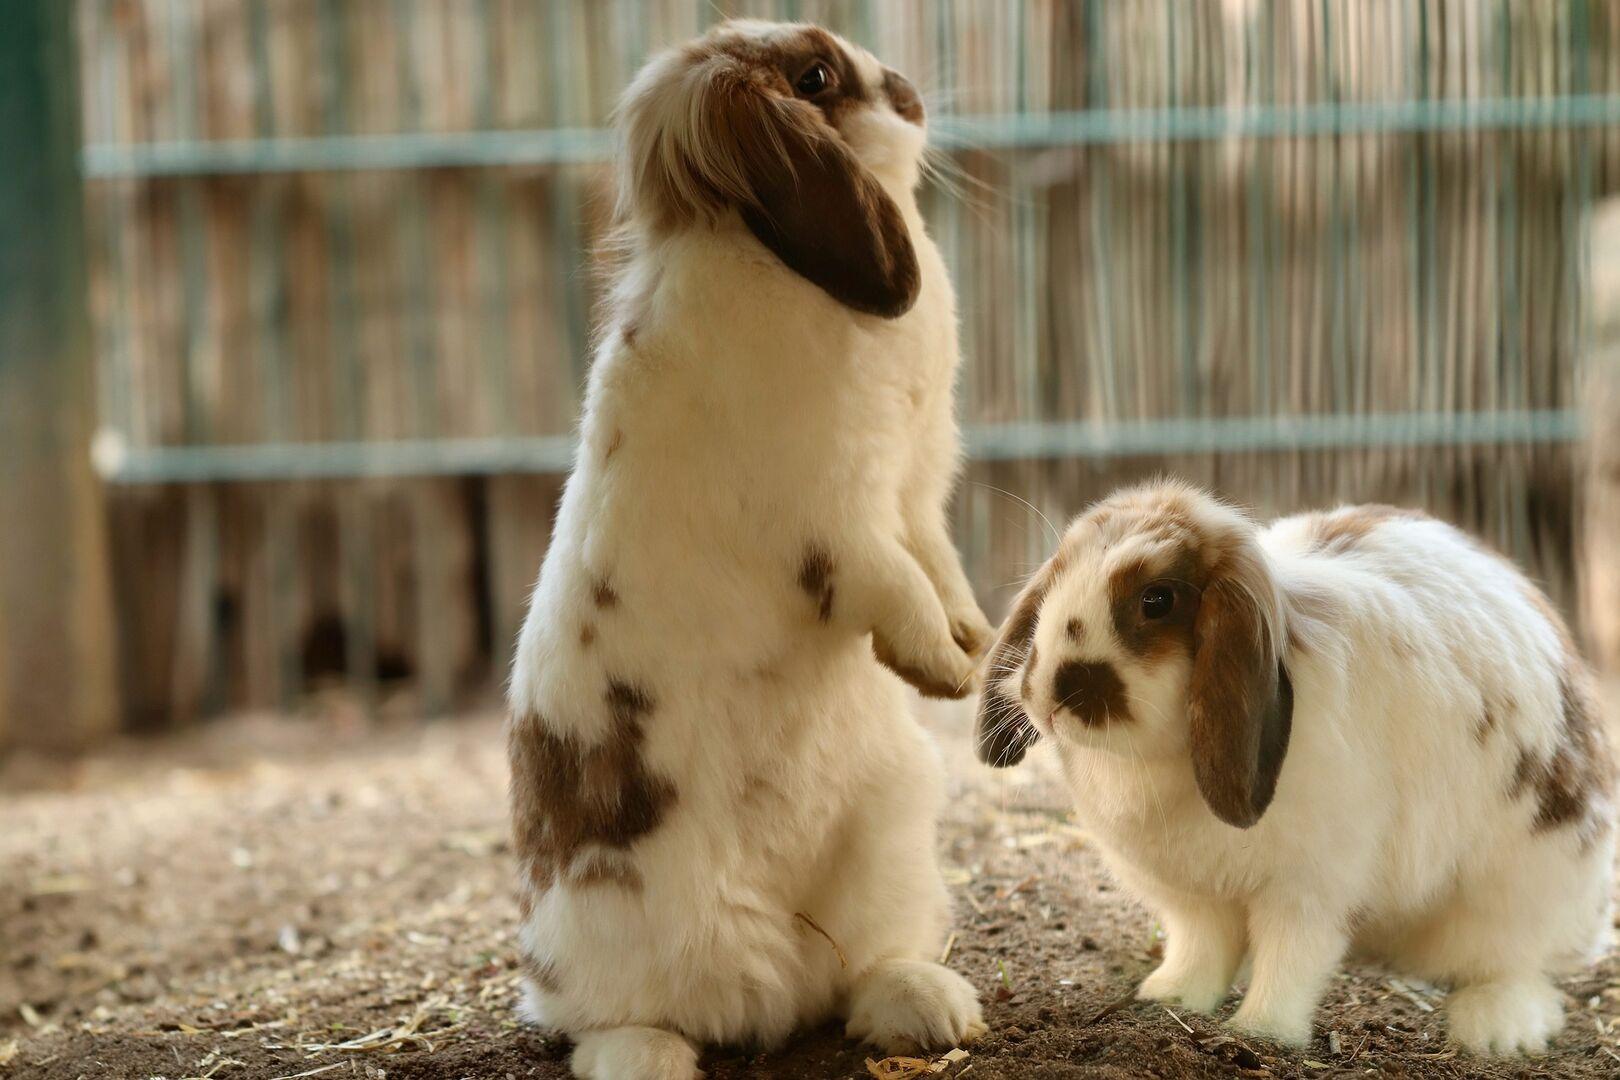 Mueren 100 crías de conejos de una granja después de que animalistas 'liberaran' a sus madres